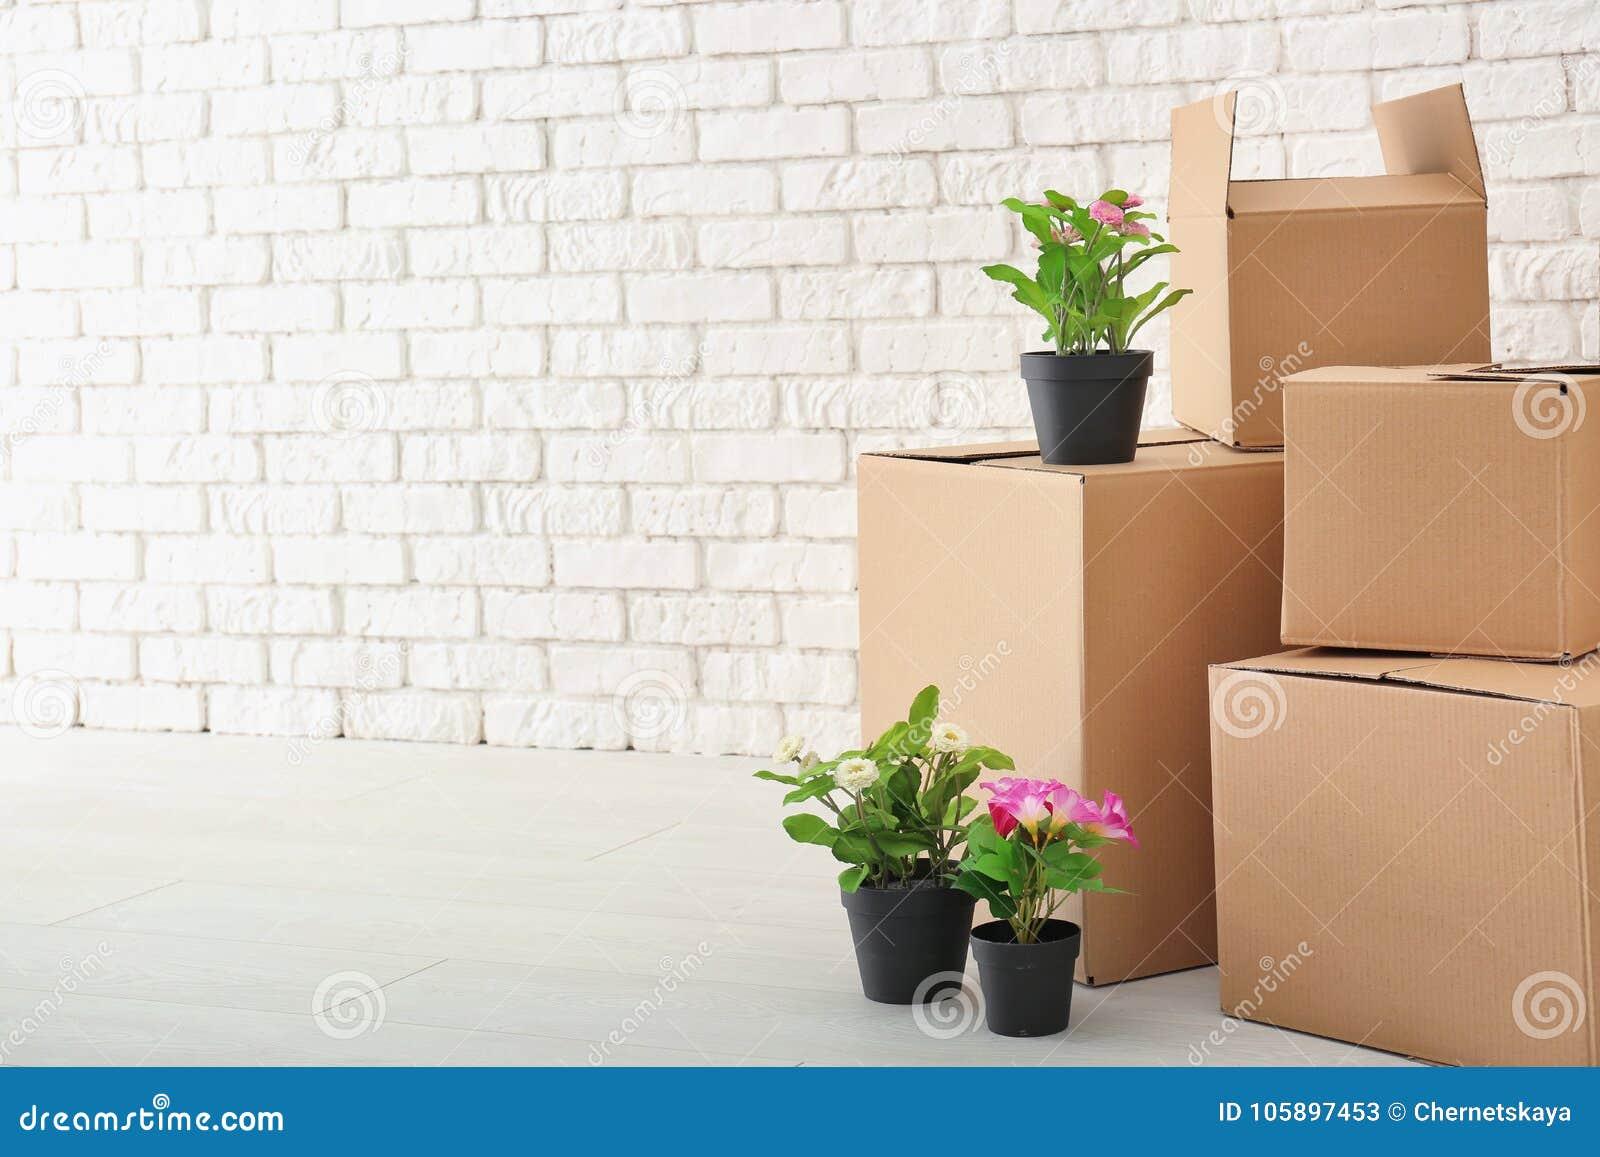 移动房子概念 纸盒箱子和财产